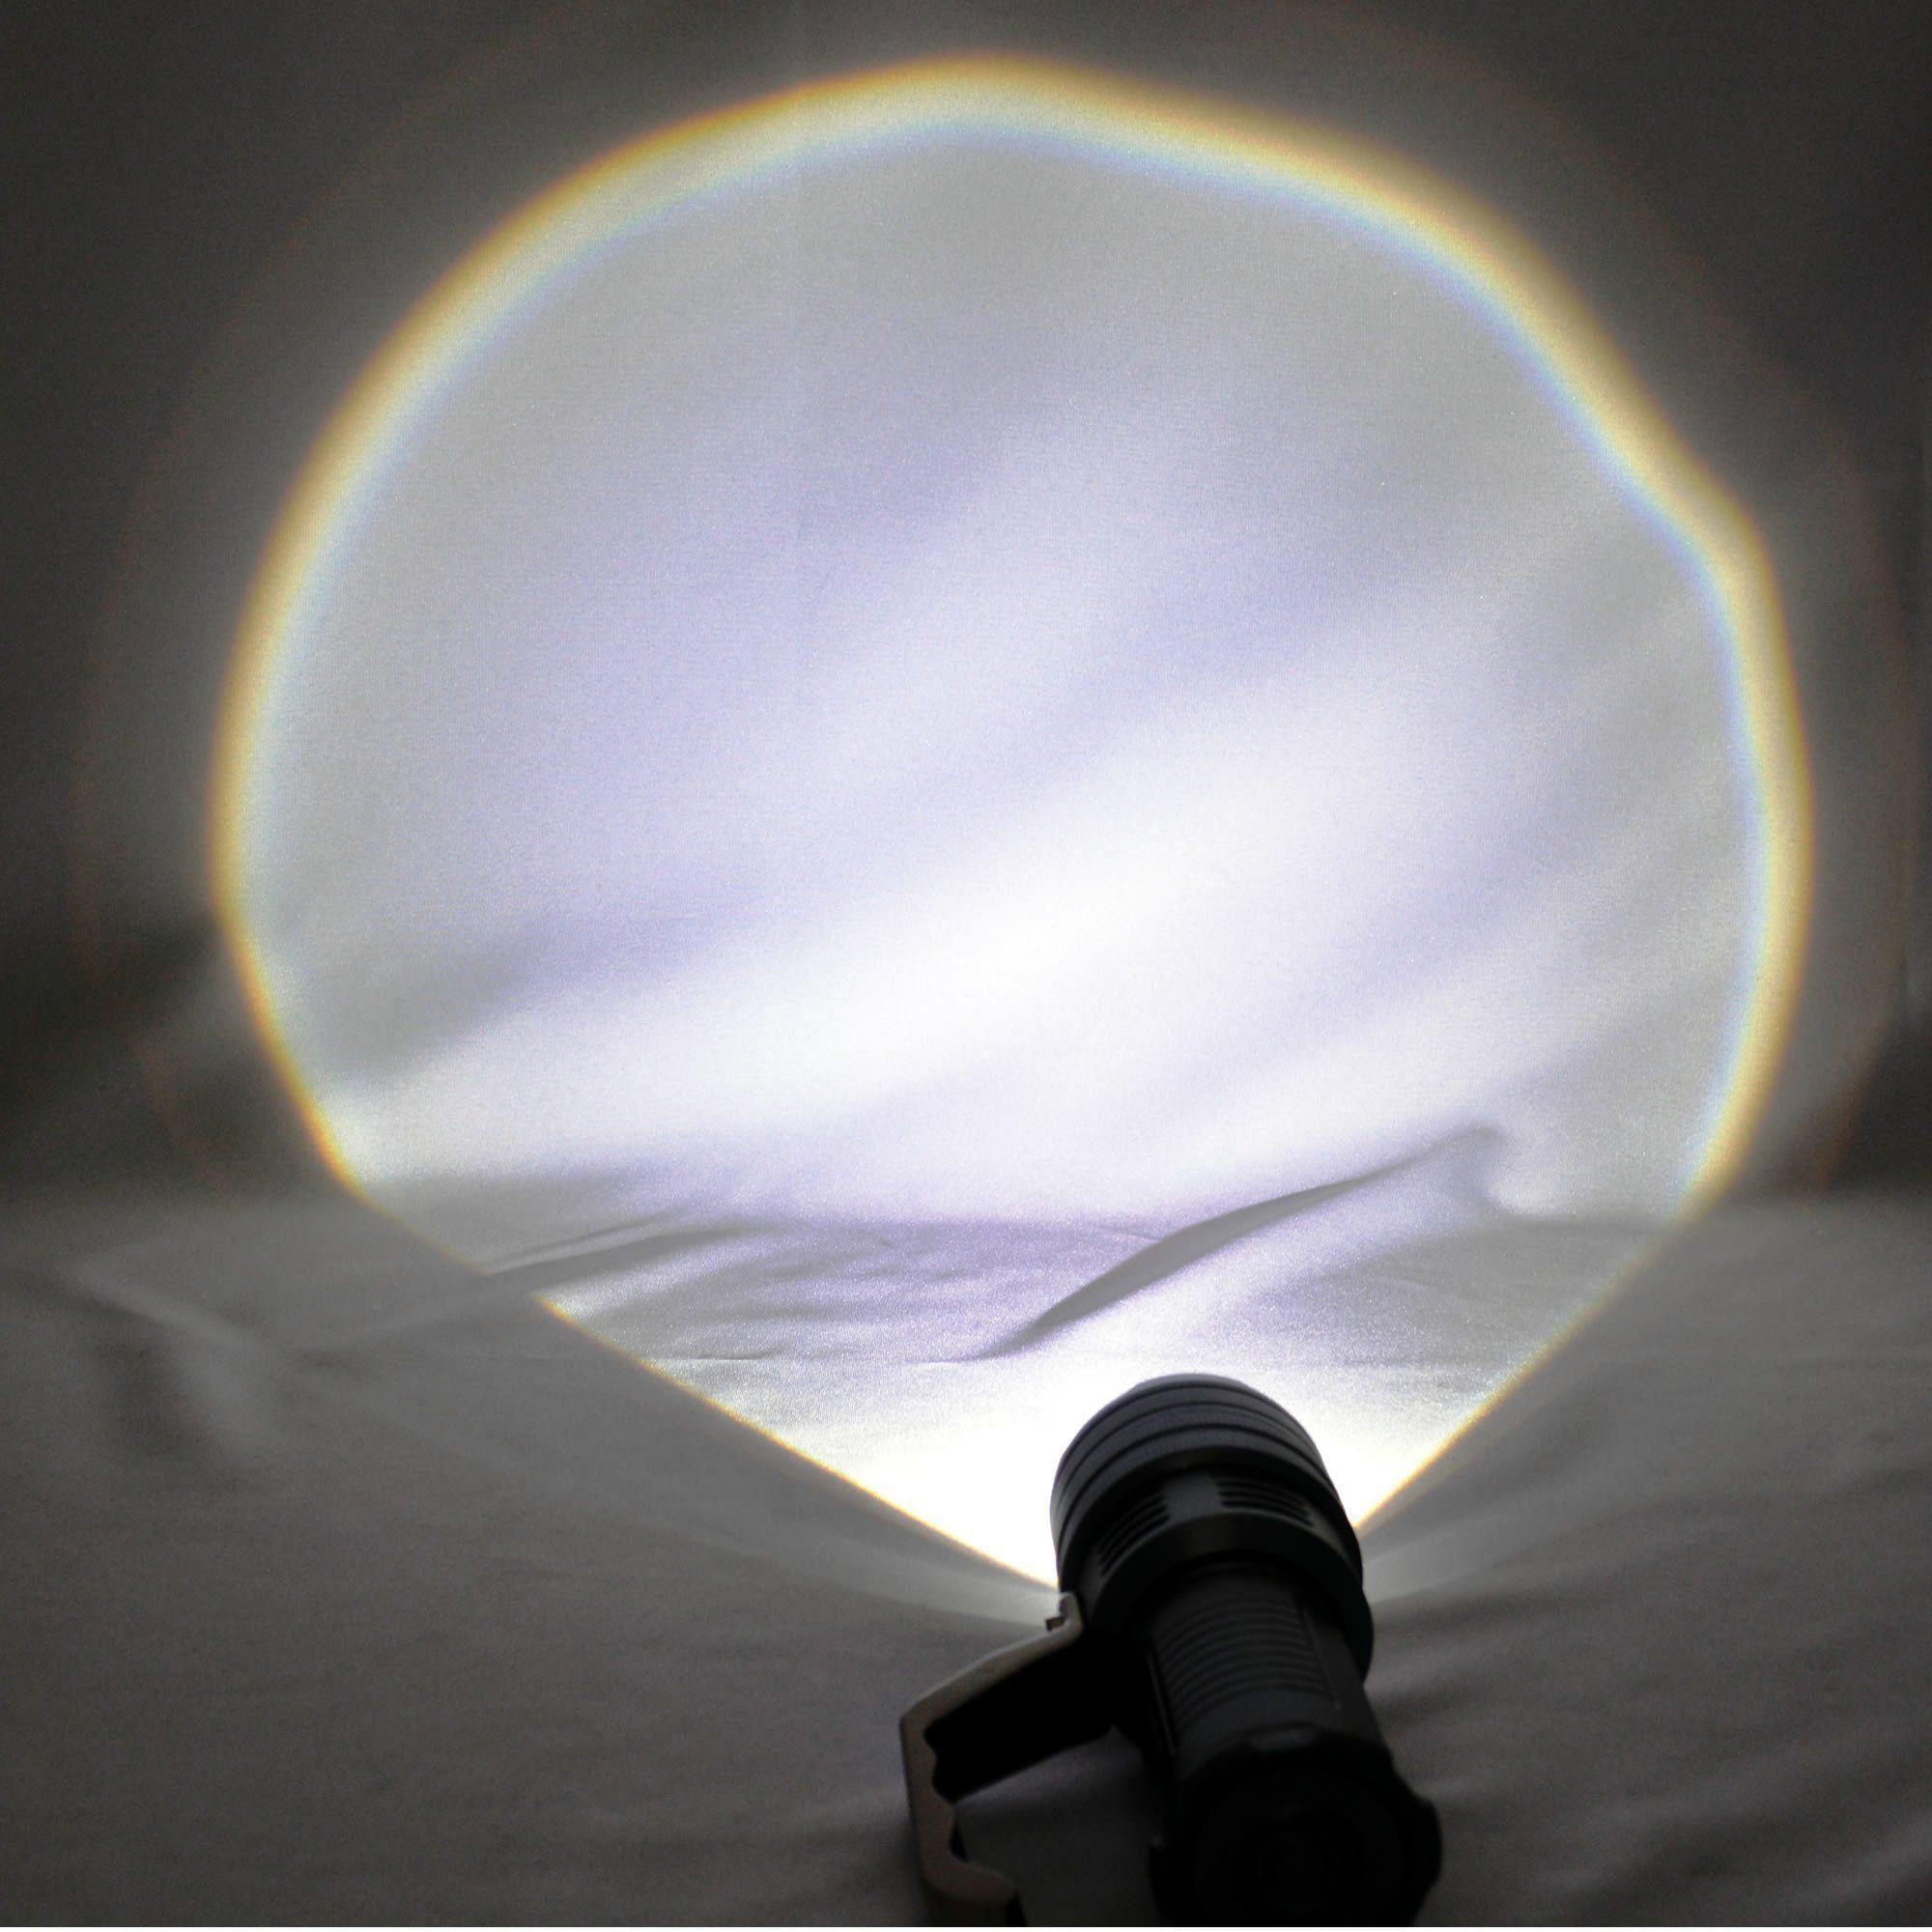 Lanterna LED Cree T6 tática Recarregável forte Prata 6 pilhas CBRN05628